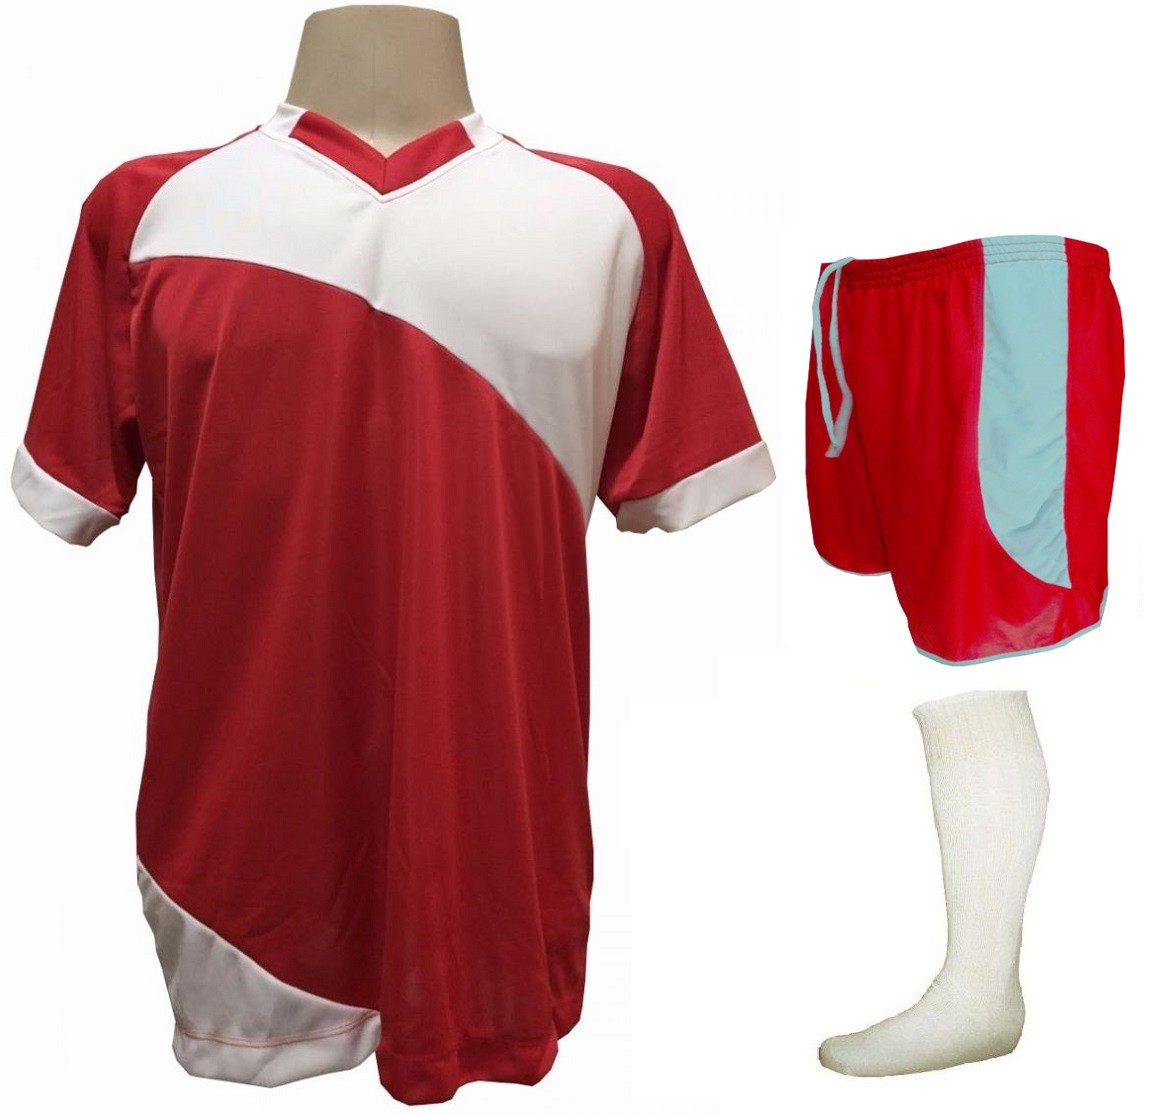 Fardamento Completo modelo Bélgica 20+2 (20 camisas Vermelho/Branco + 20 calções modelo Copa Vermelho/Branco + 20 pares de meiões Branco + 2 conjuntos de goleiro) + Brindes